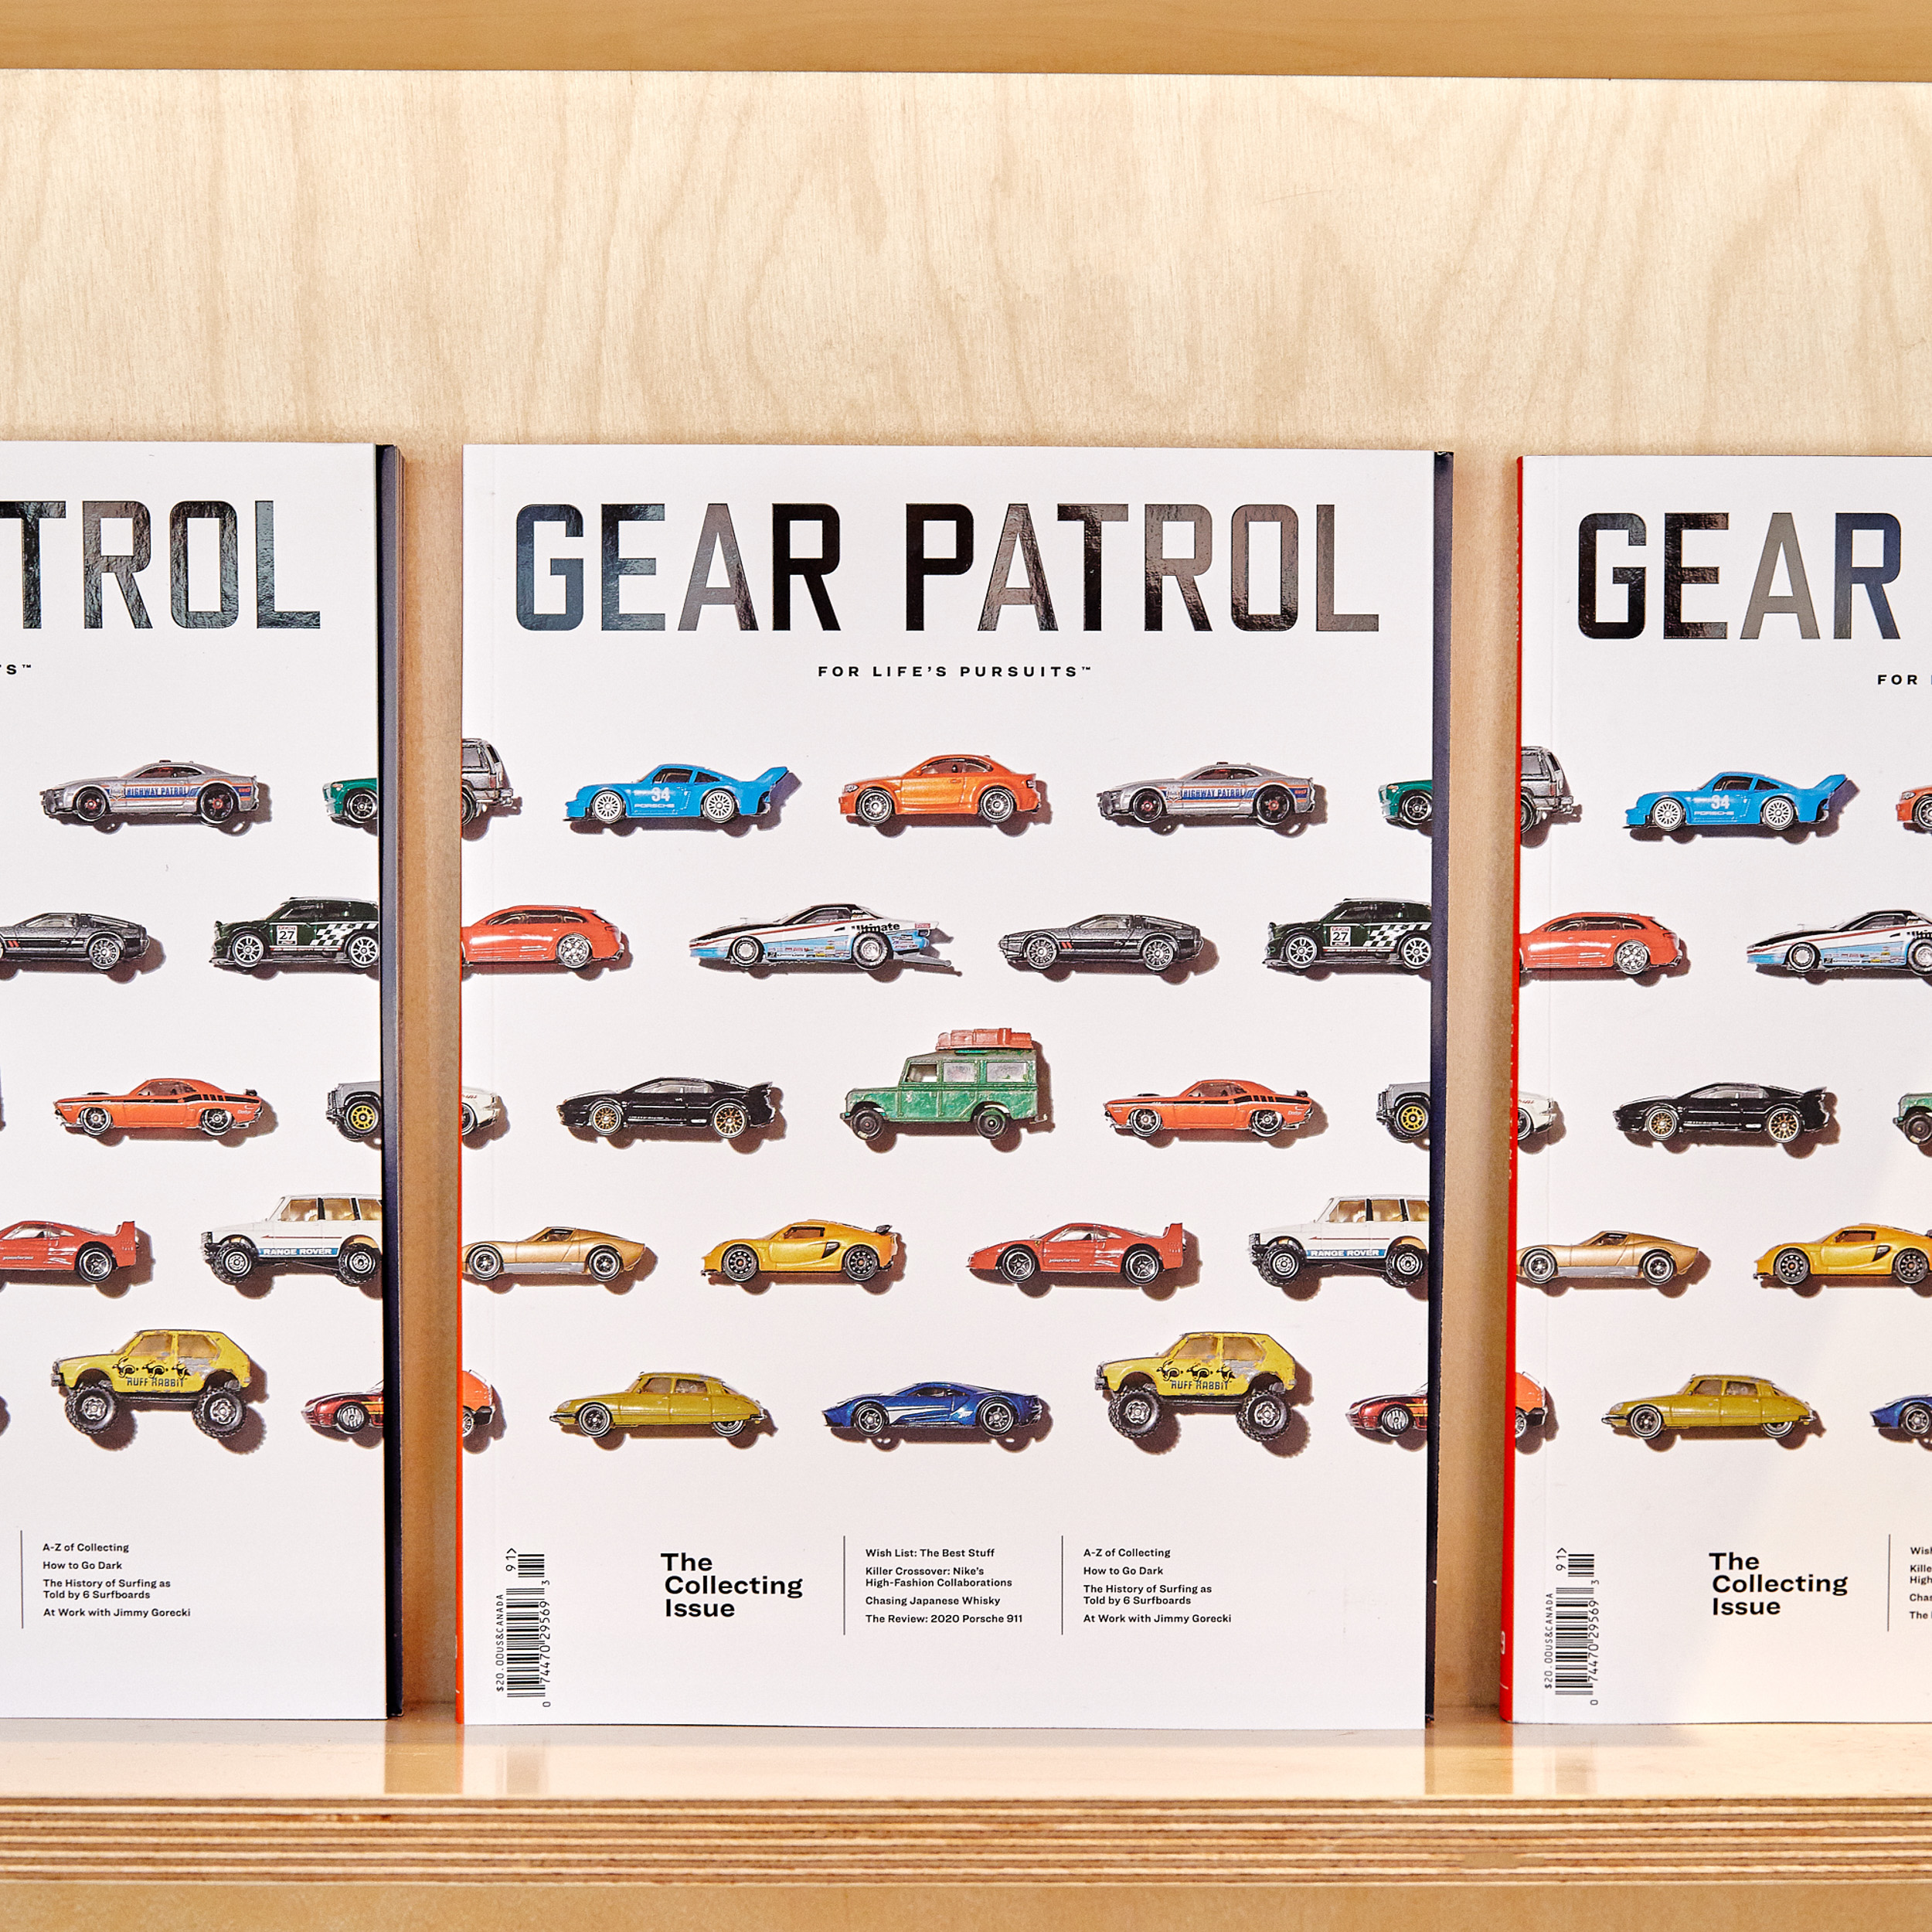 Gear Patrol header image